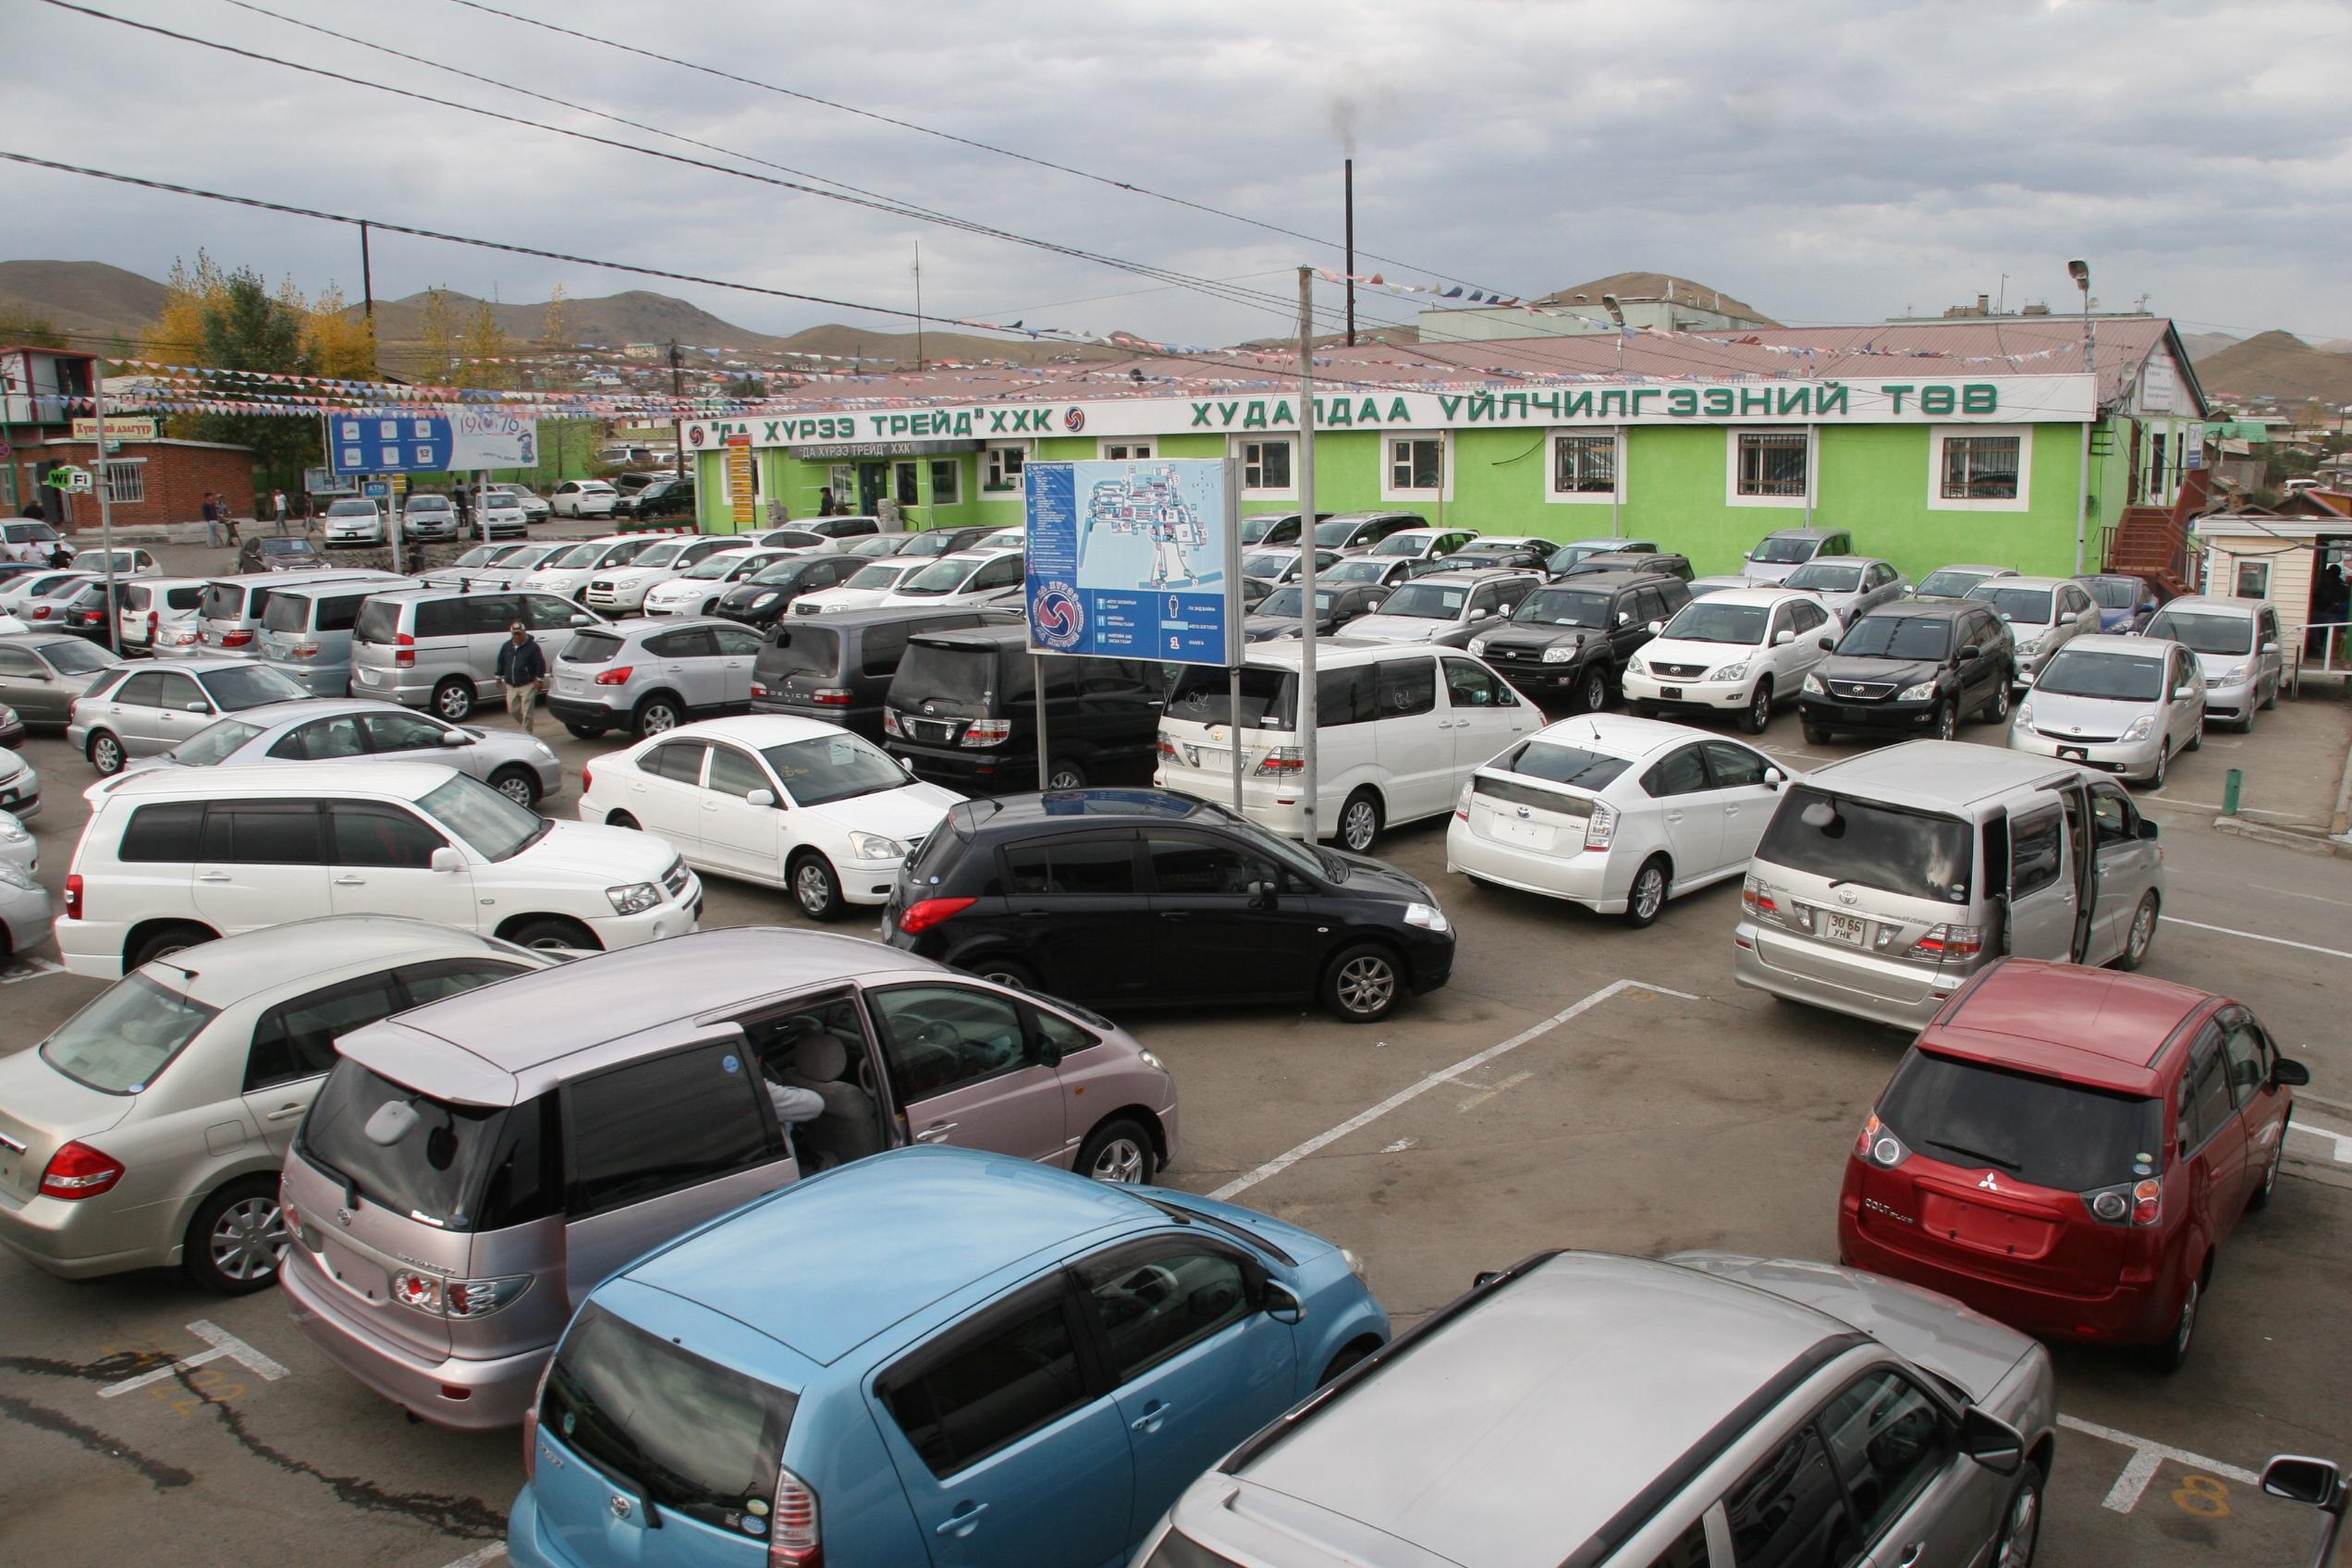 Автомашины үнэ ганцхан сарын дотор 1.5 саяар өсчээ